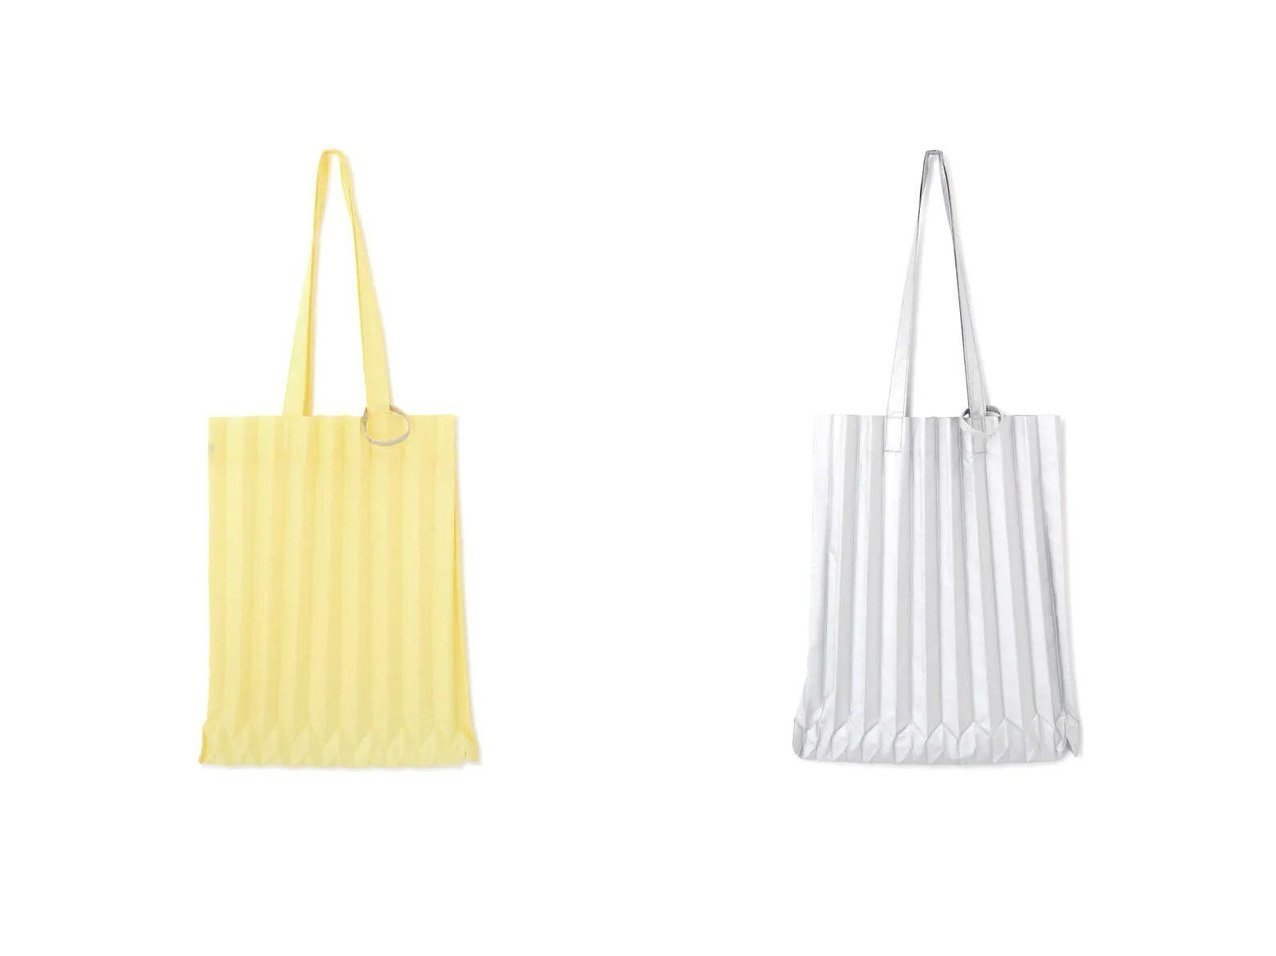 【NATURAL BEAUTY BASIC/ナチュラル ビューティー ベーシック】のプリーツエコバッグ 【バッグ・鞄】おすすめ!人気、トレンド・レディースファッションの通販 おすすめで人気の流行・トレンド、ファッションの通販商品 インテリア・家具・メンズファッション・キッズファッション・レディースファッション・服の通販 founy(ファニー) https://founy.com/ ファッション Fashion レディースファッション WOMEN バッグ Bag グリッター コンパクト プリーツ |ID:crp329100000043340